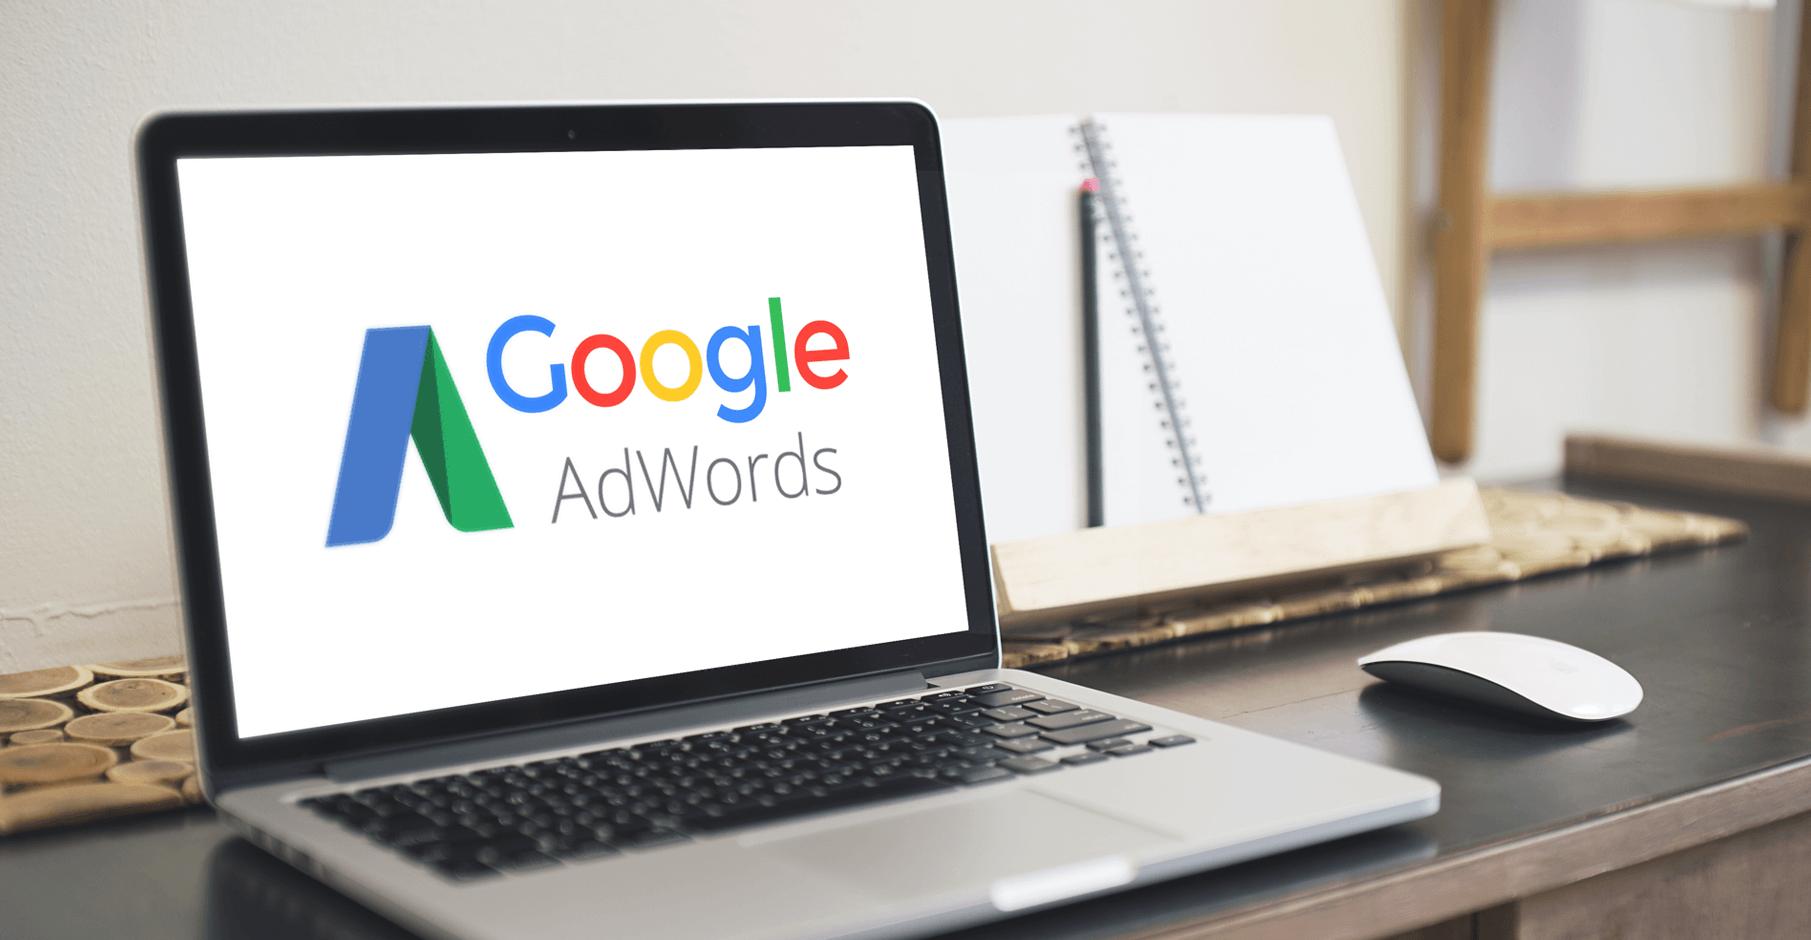 Реклама в Гугл.Адвордс через видео-контент. Как подготовить продающее видео